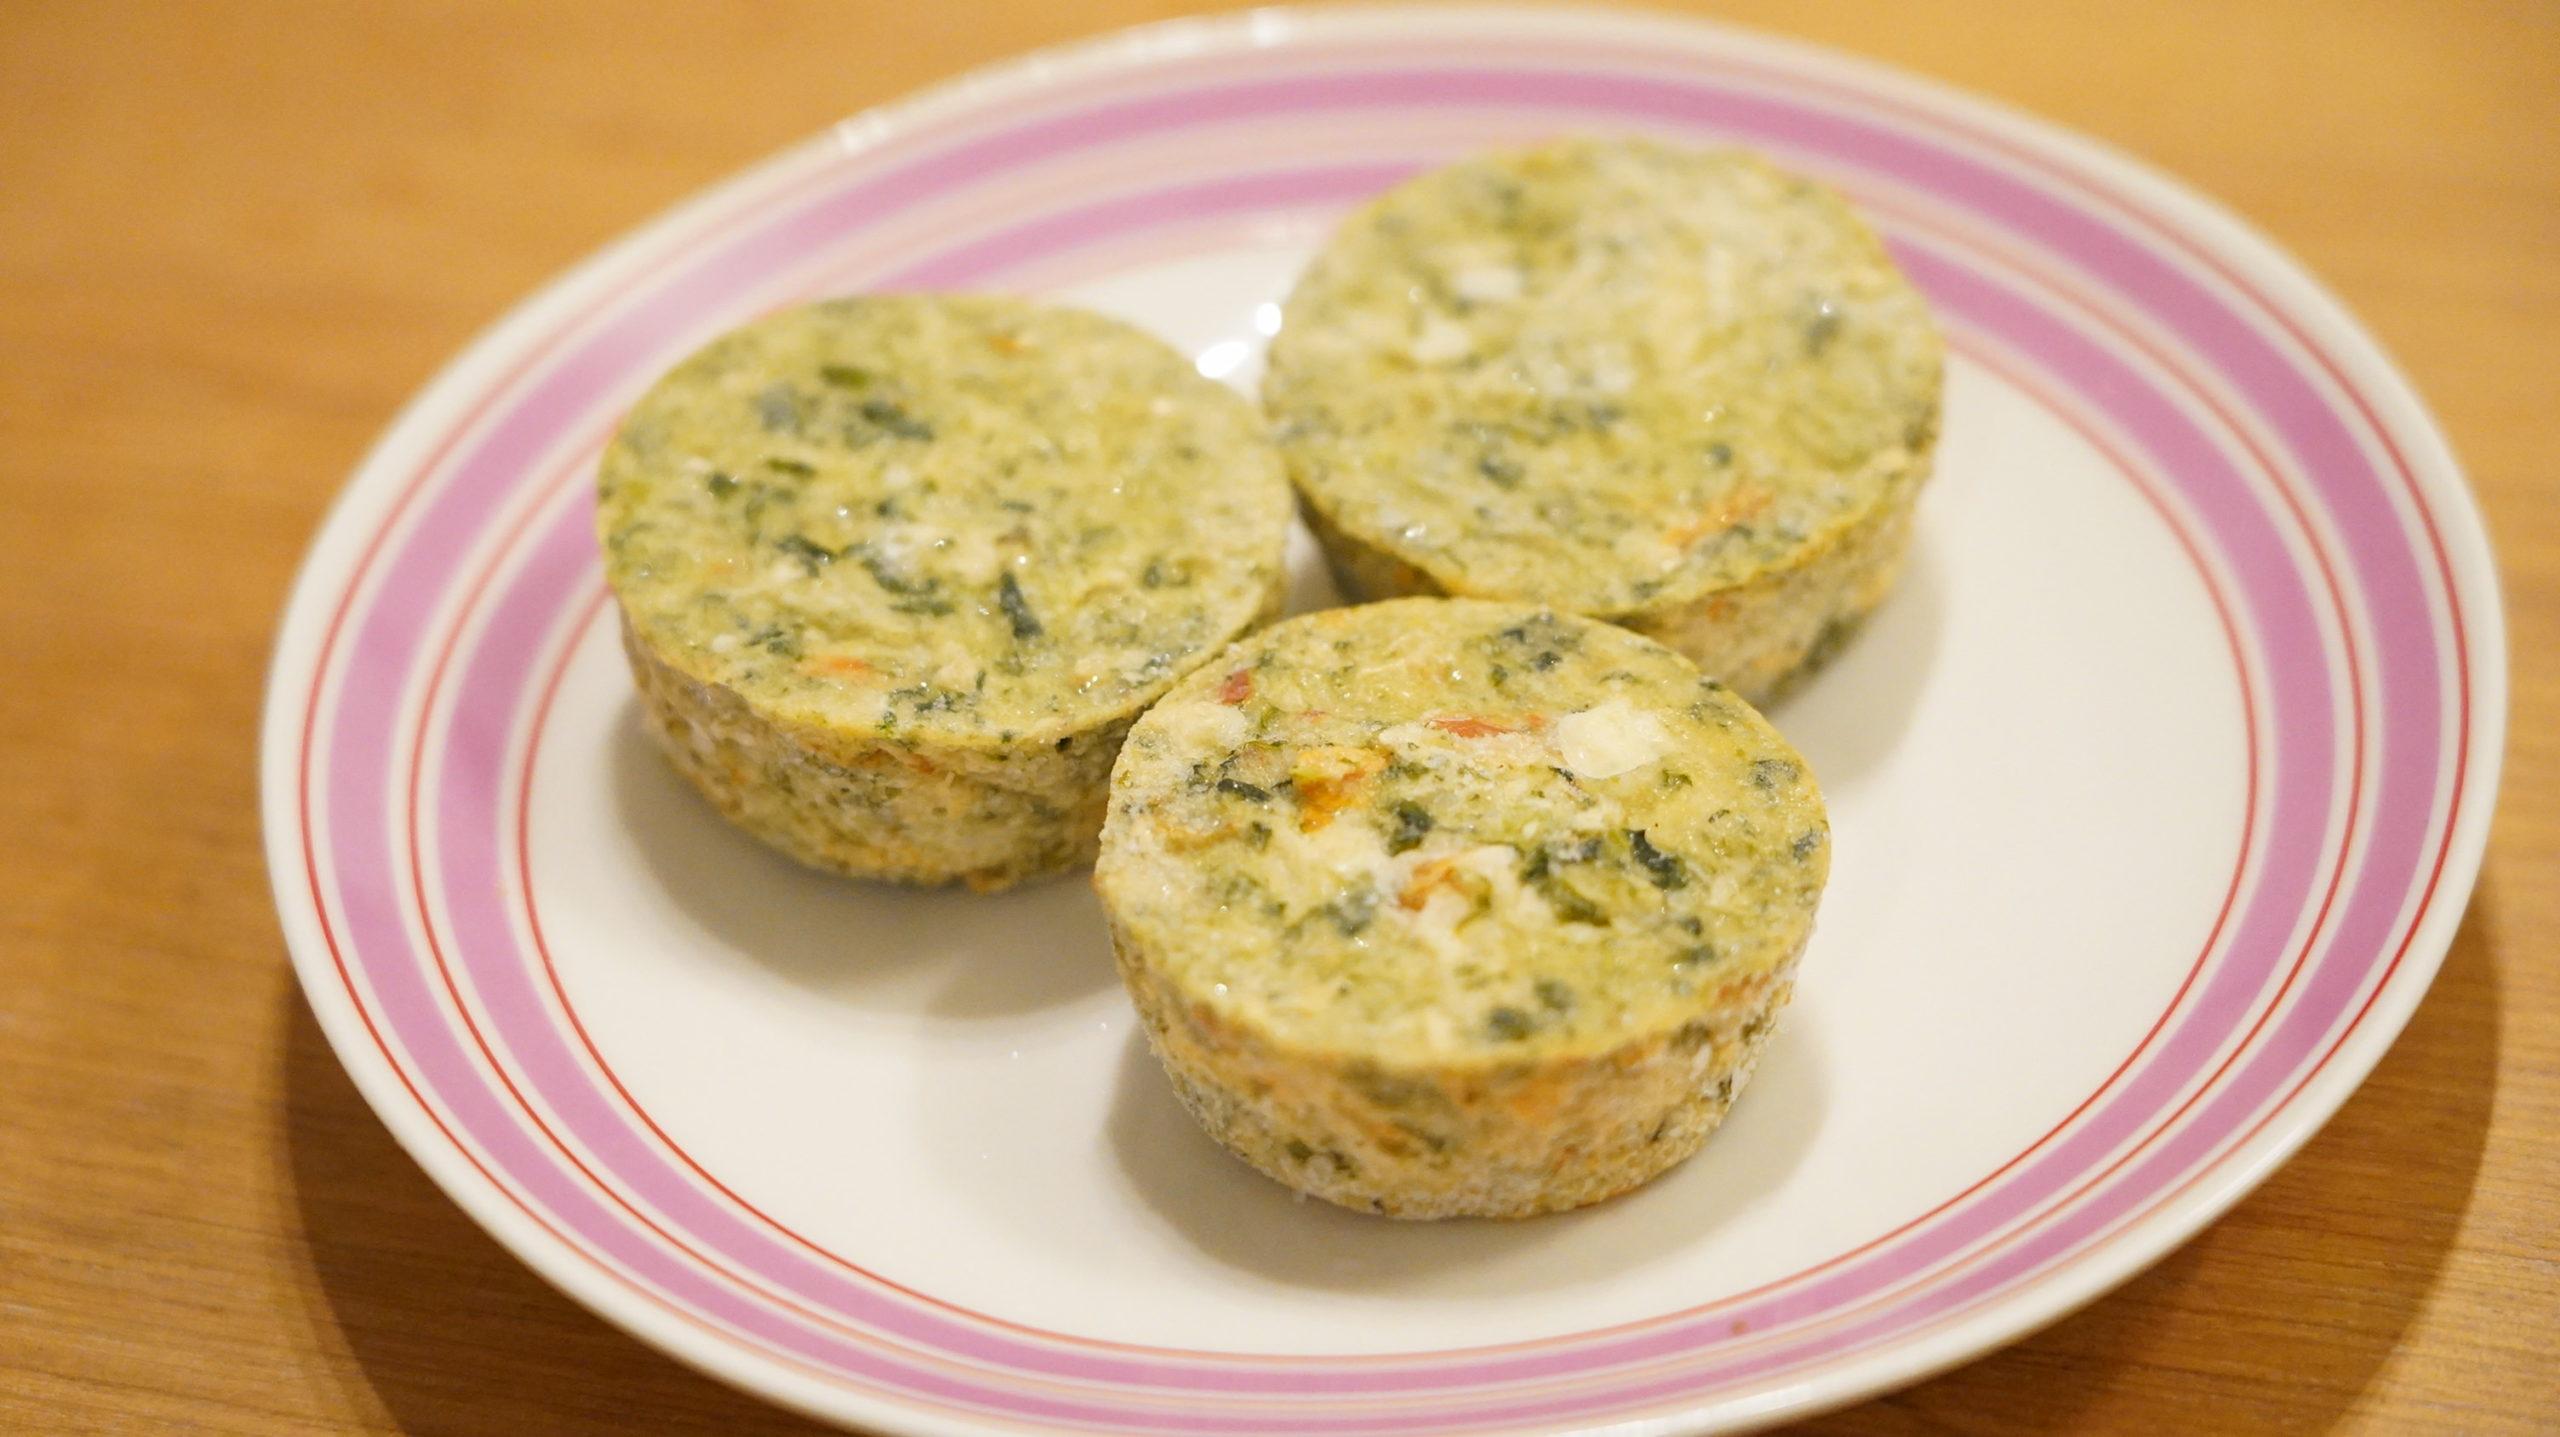 コストコの冷凍食品「ほうれん草のフリッタータ」を皿に盛り付けた写真